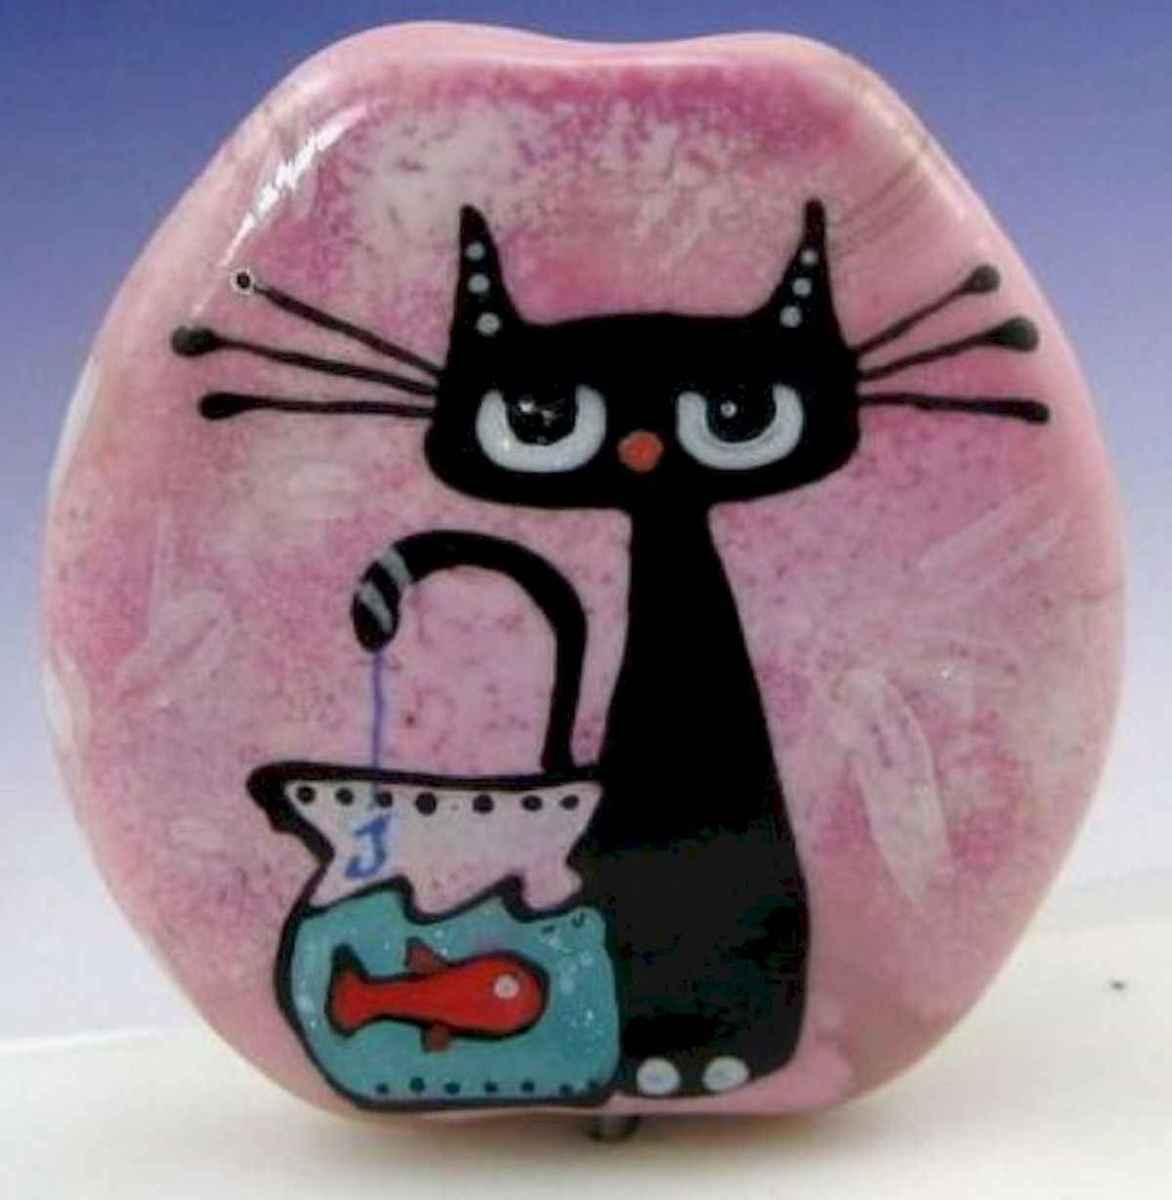 50 Inspiring DIY Painted Rocks Animals Cats for Summer Ideas (1)